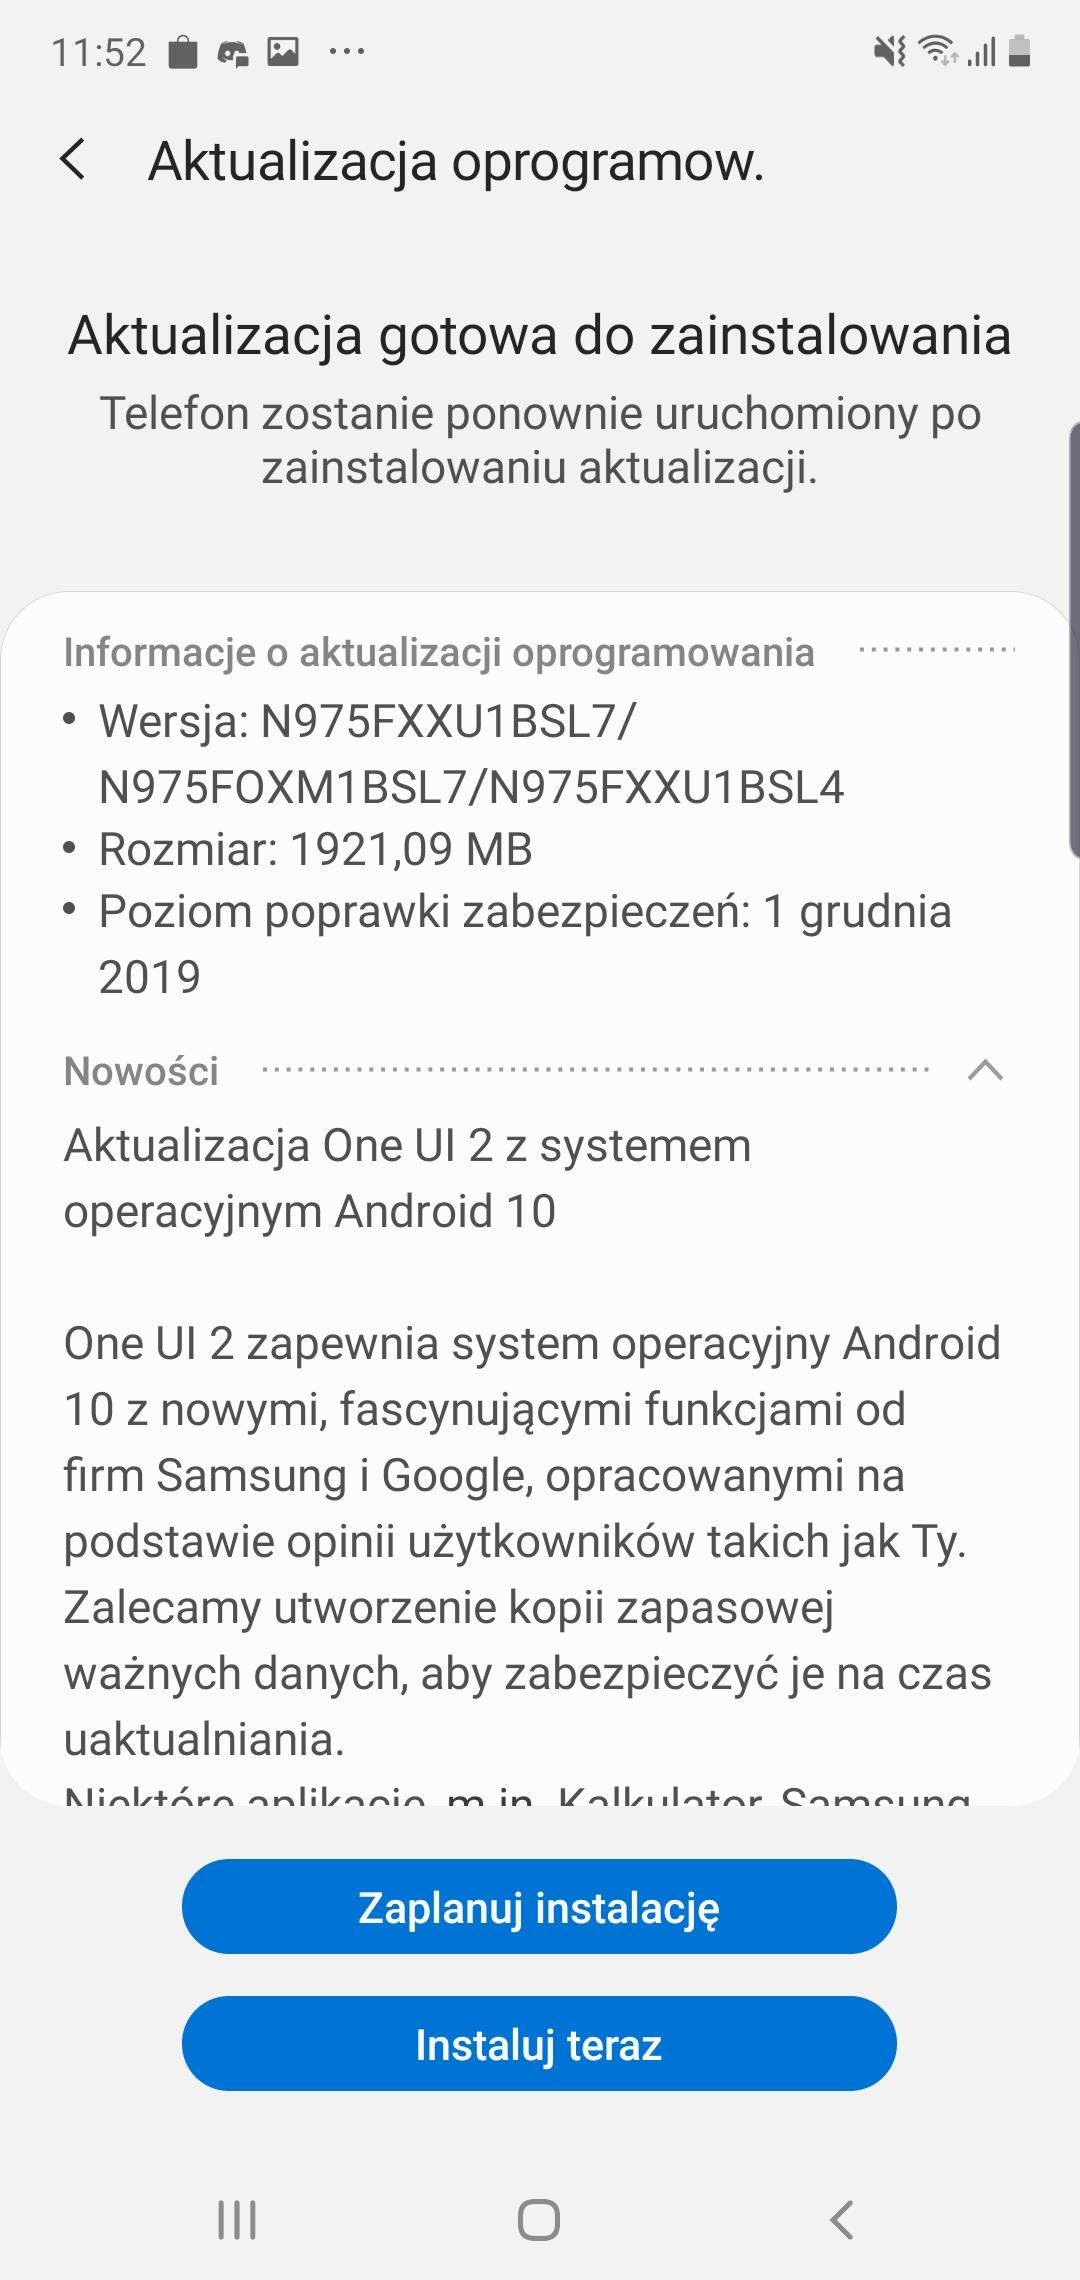 Samsung Galaxy Note 10+ dostaje aktualizację do Androida 10 i One UI 2 w Polsce! 17